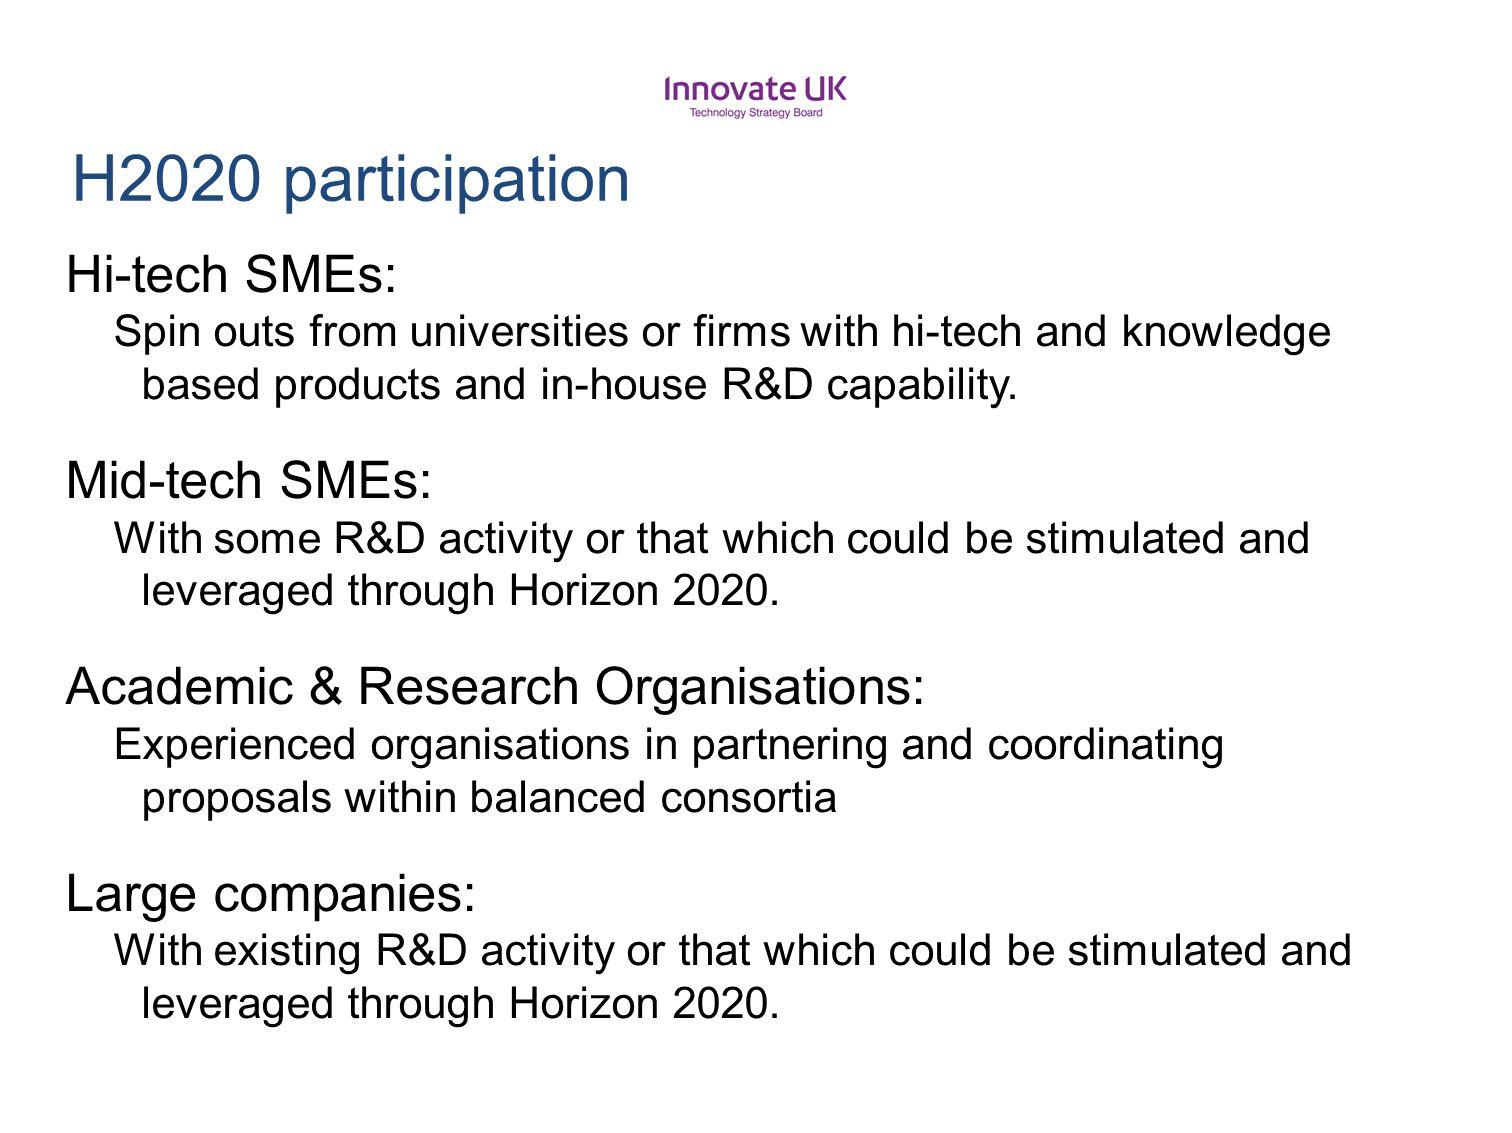 H2020 participation Hi-tech SMEs: Mid-tech SMEs: